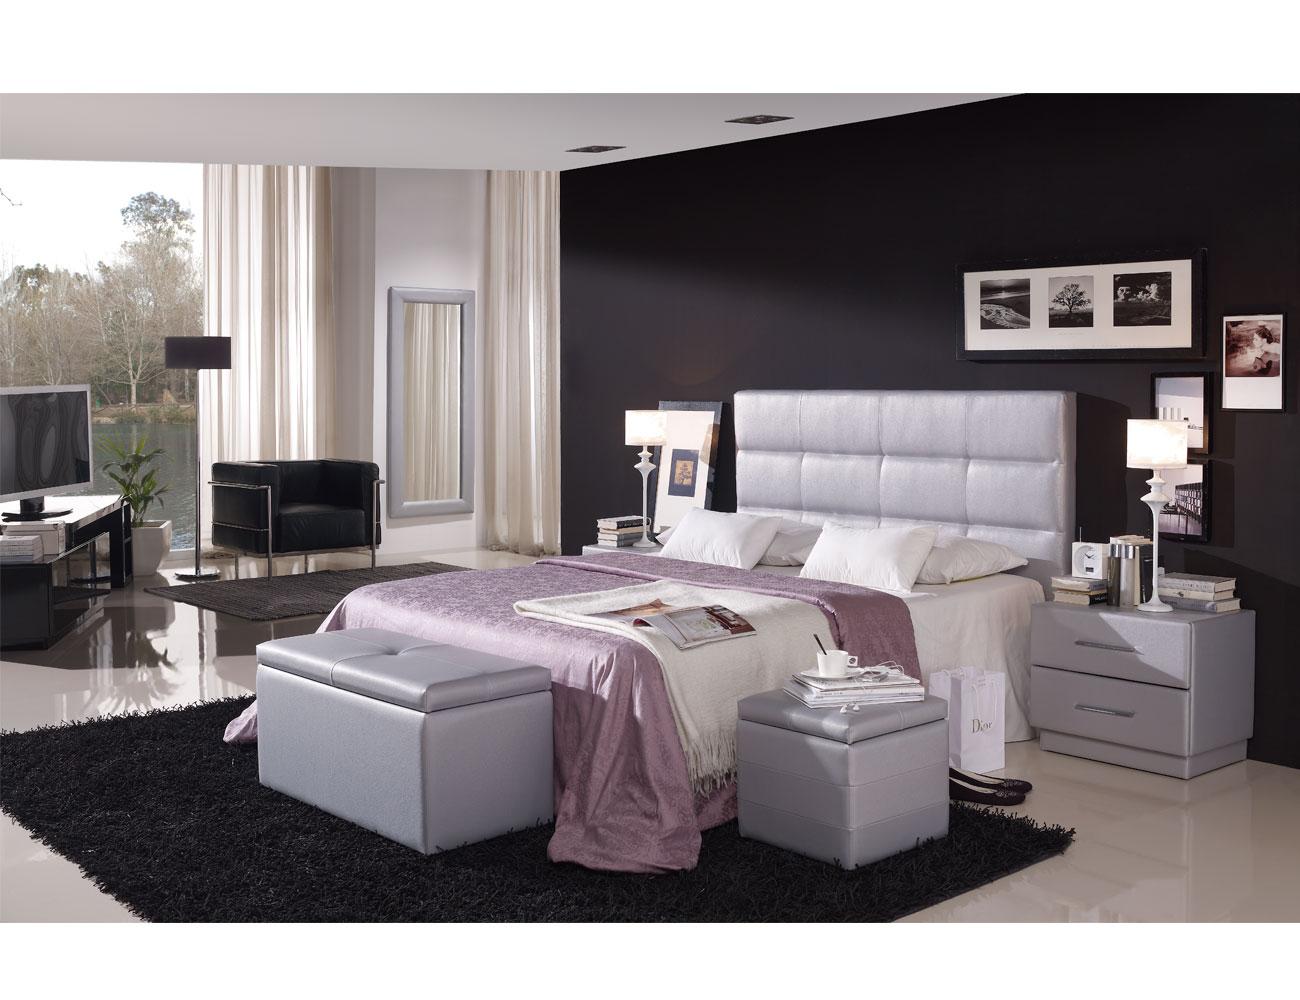 23 marco tapizado dormitorio912